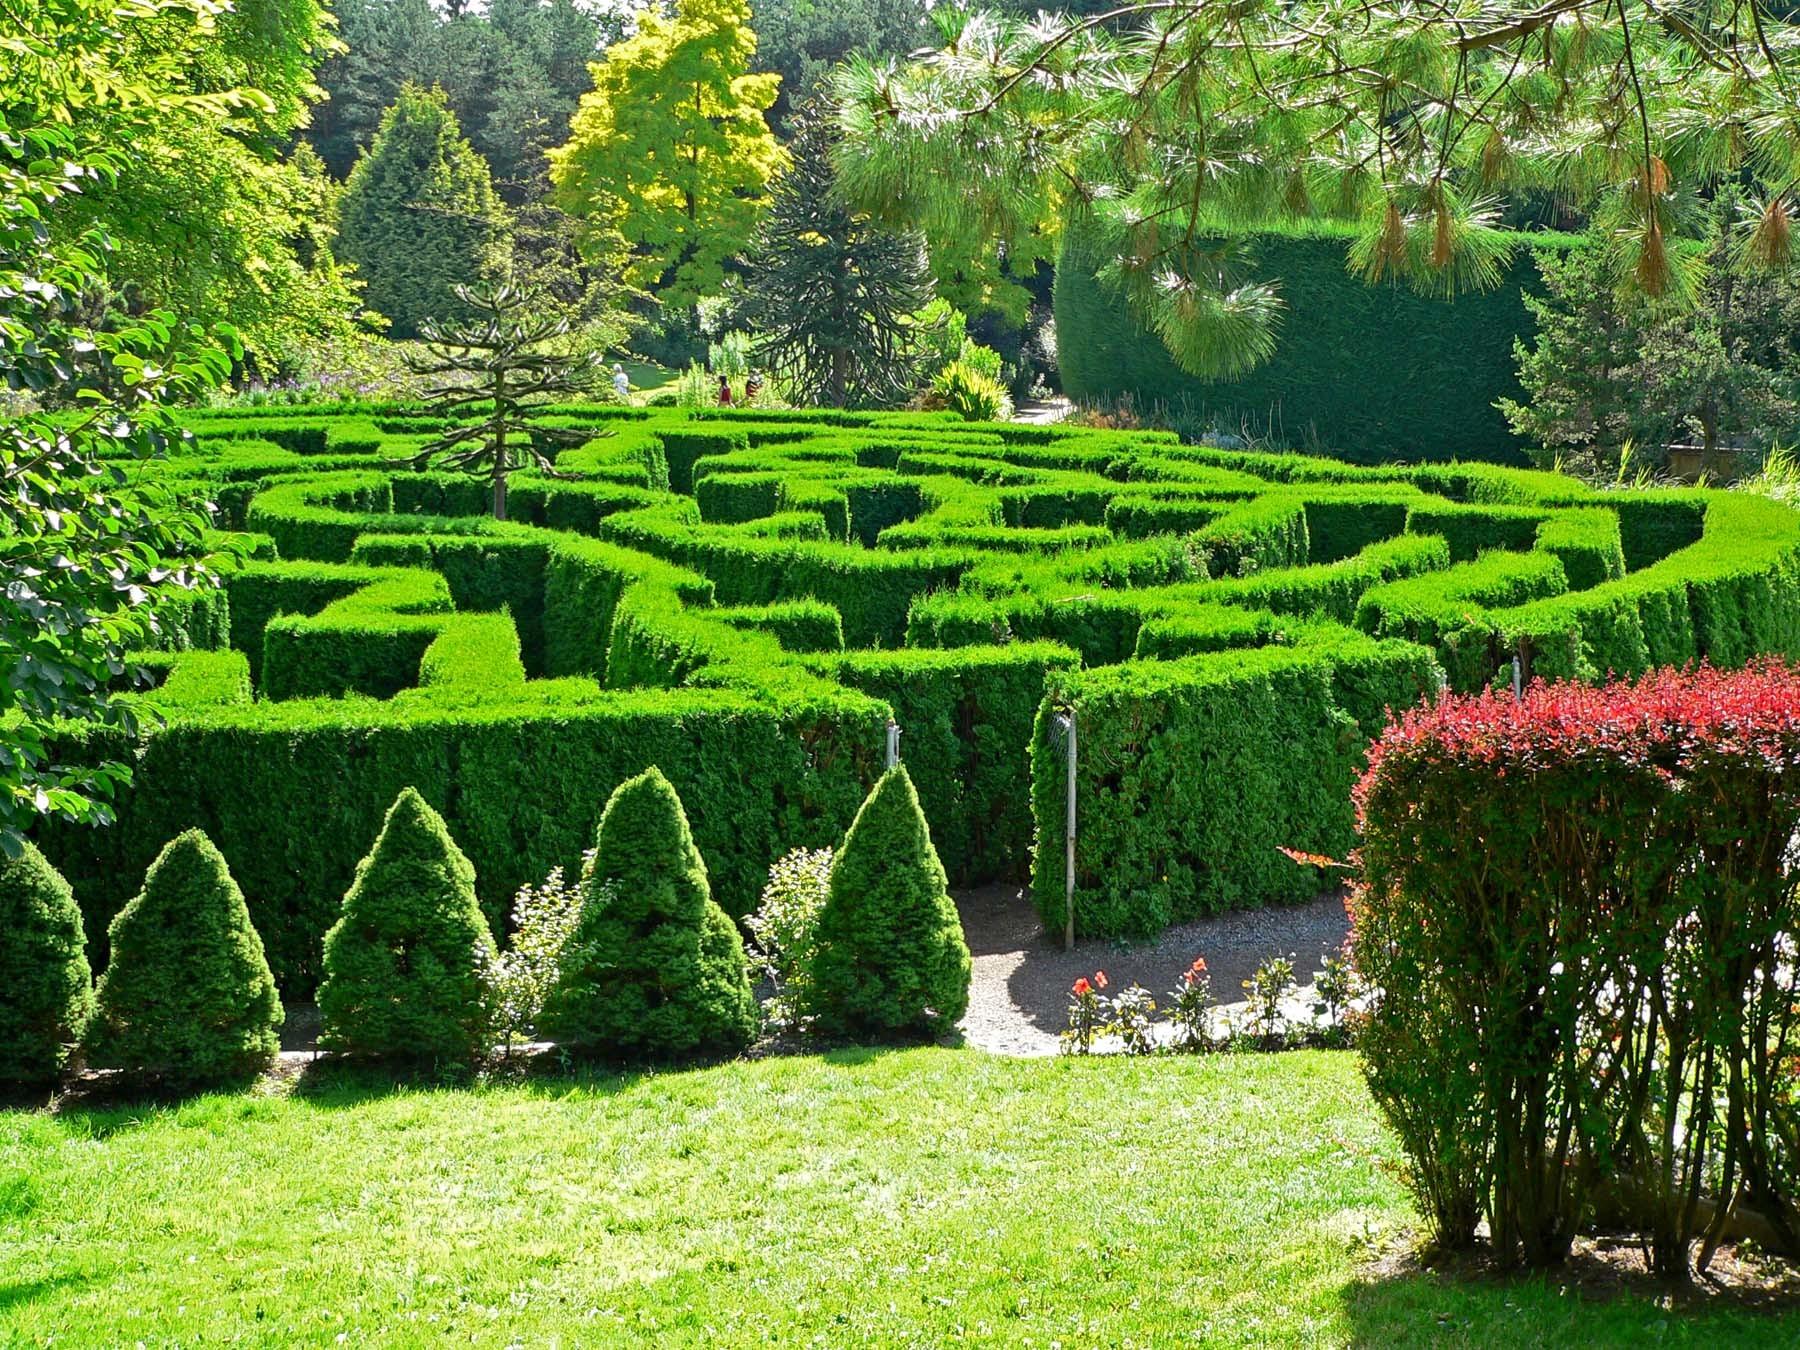 Живые самшитовые изгороди, отдельные декоративные объекты:шары, кубы и пирамидки будут украшать сад и зимой и летом.